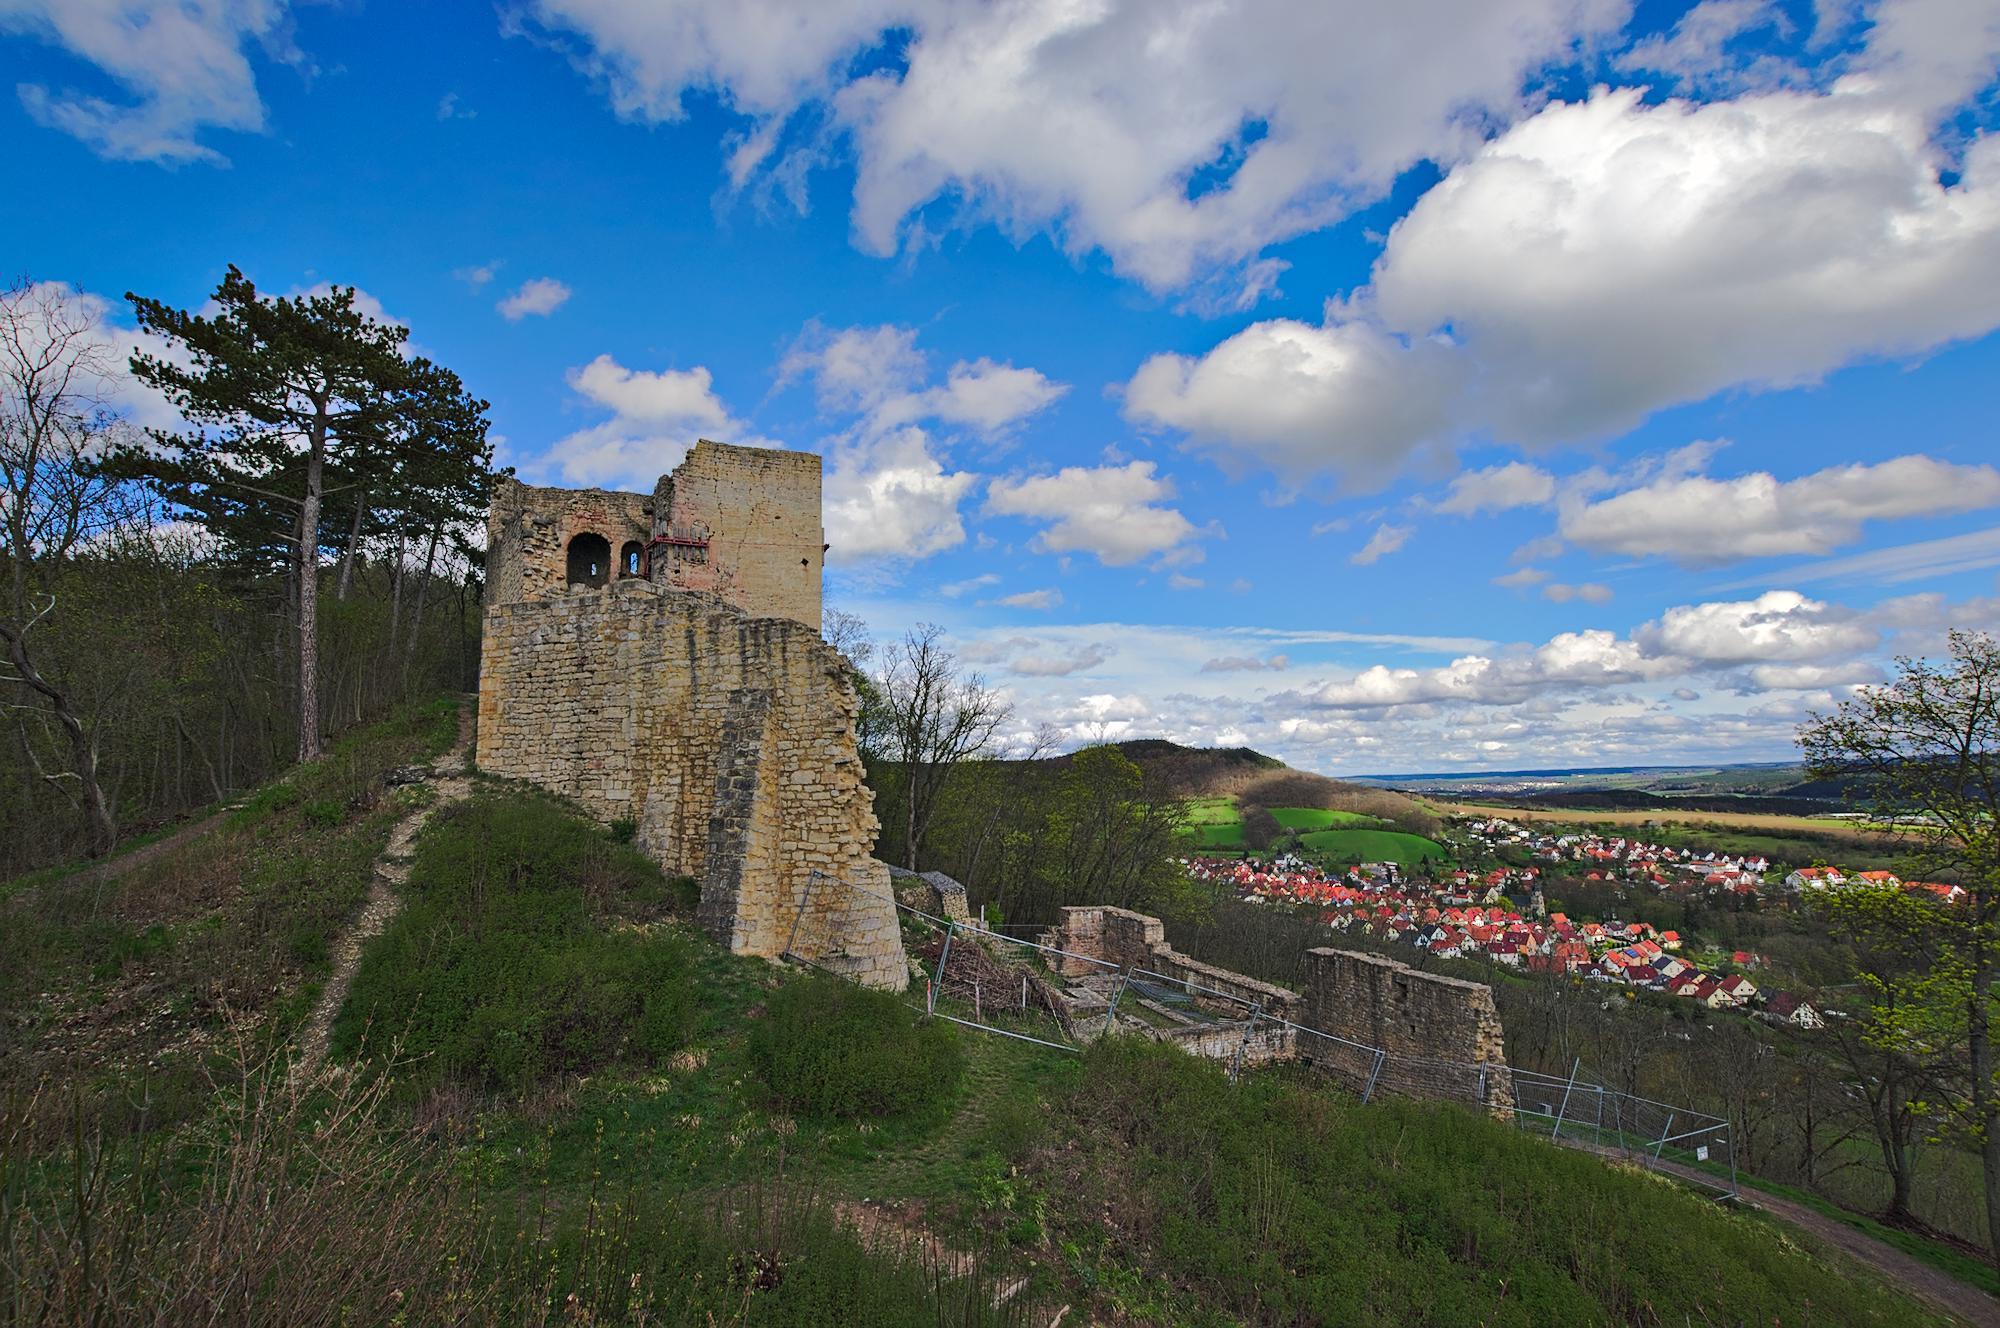 Die Reste der Lobdeburg von einem benachbarten Hügel mit dem Örtchen Drackendorf.